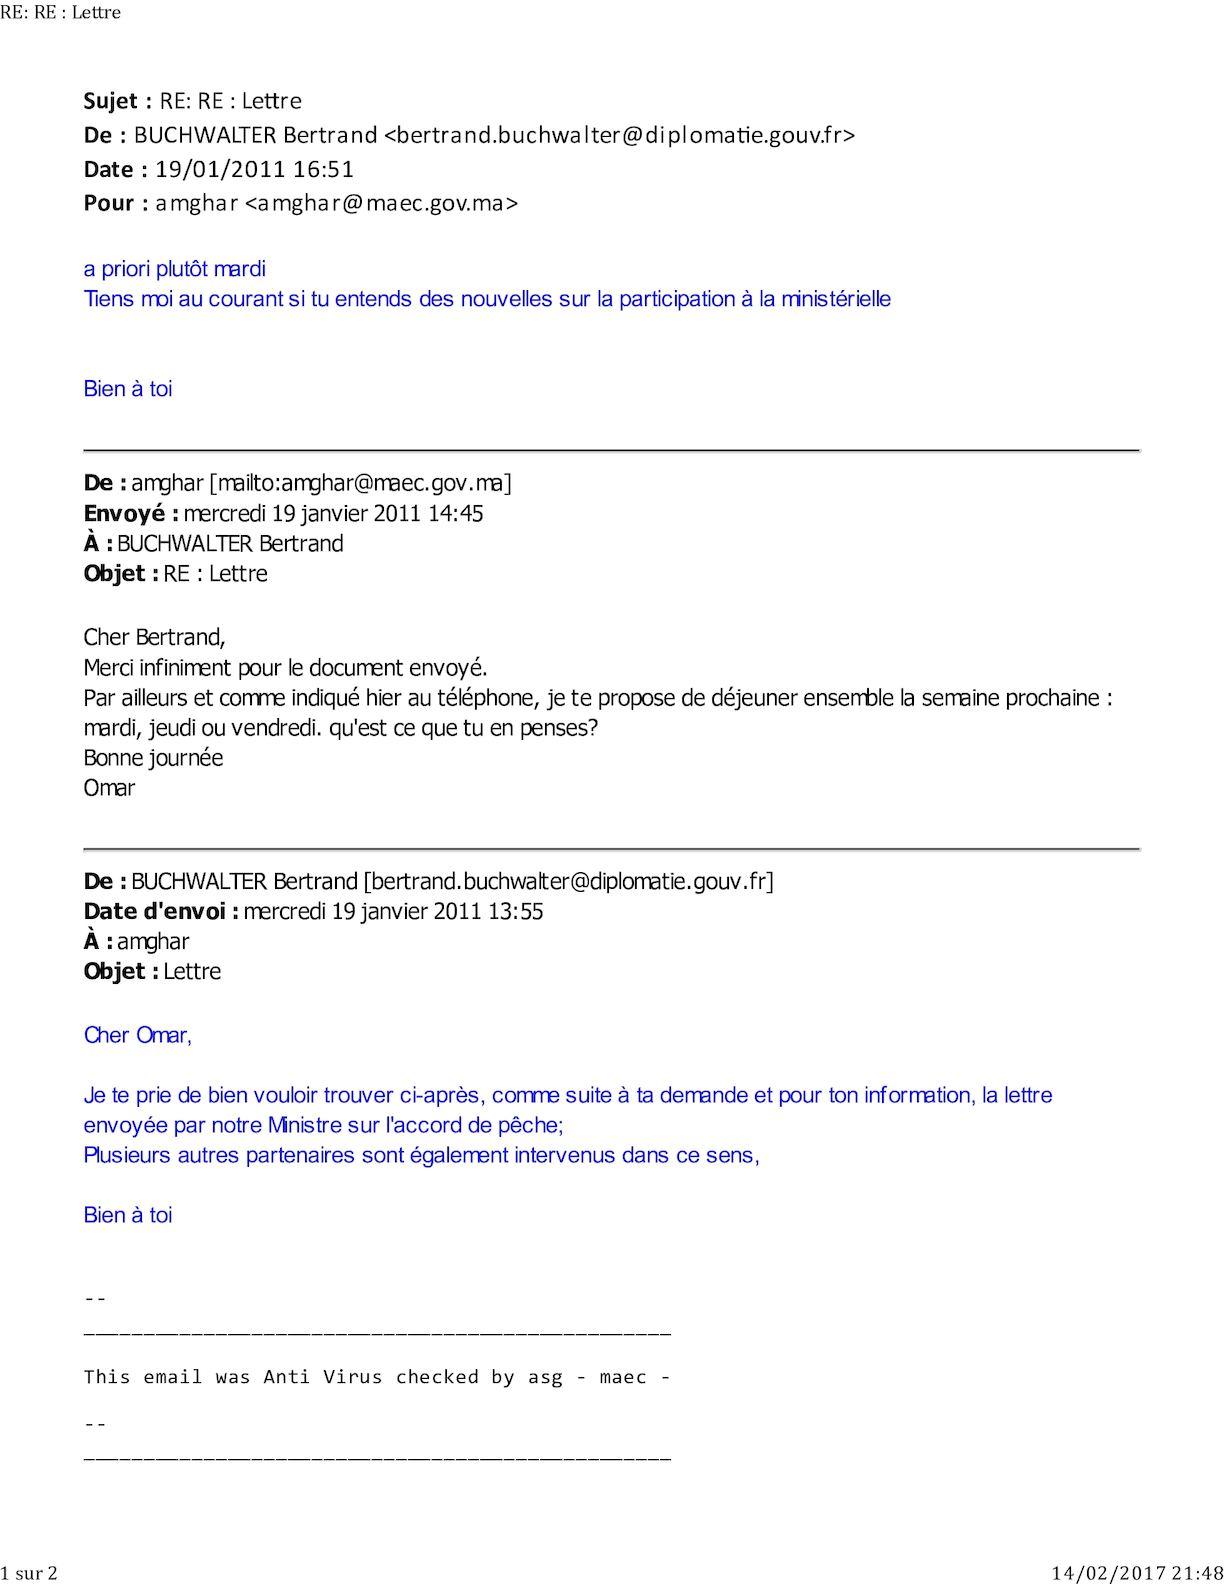 20110119 Re Re Lettre 149213515